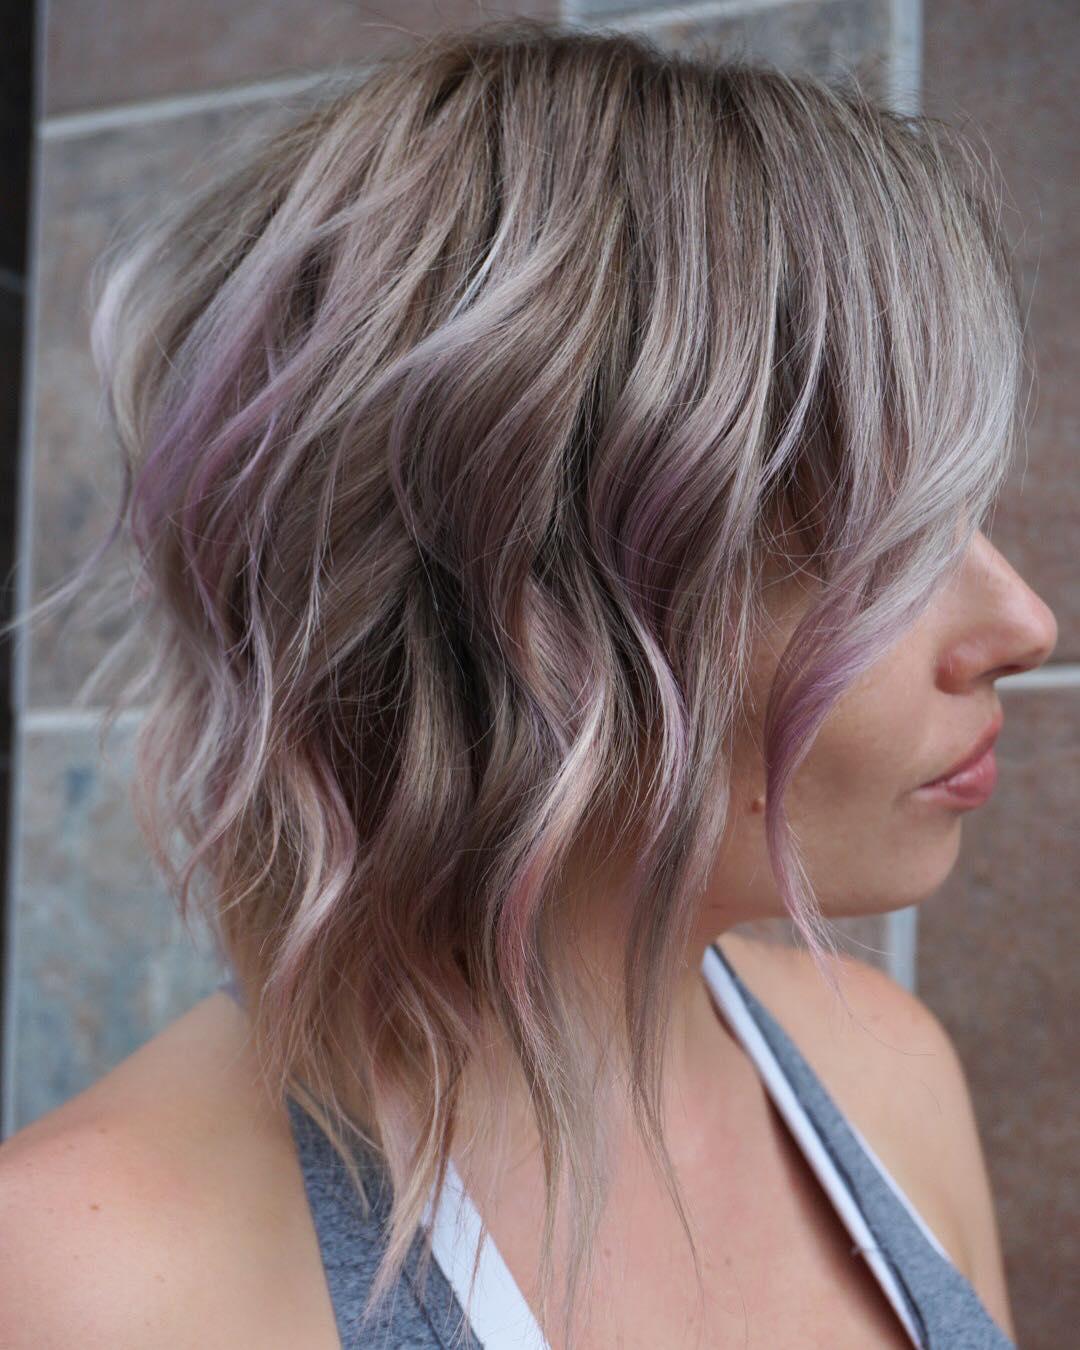 10 balayage hair styles for medium length hair 2020